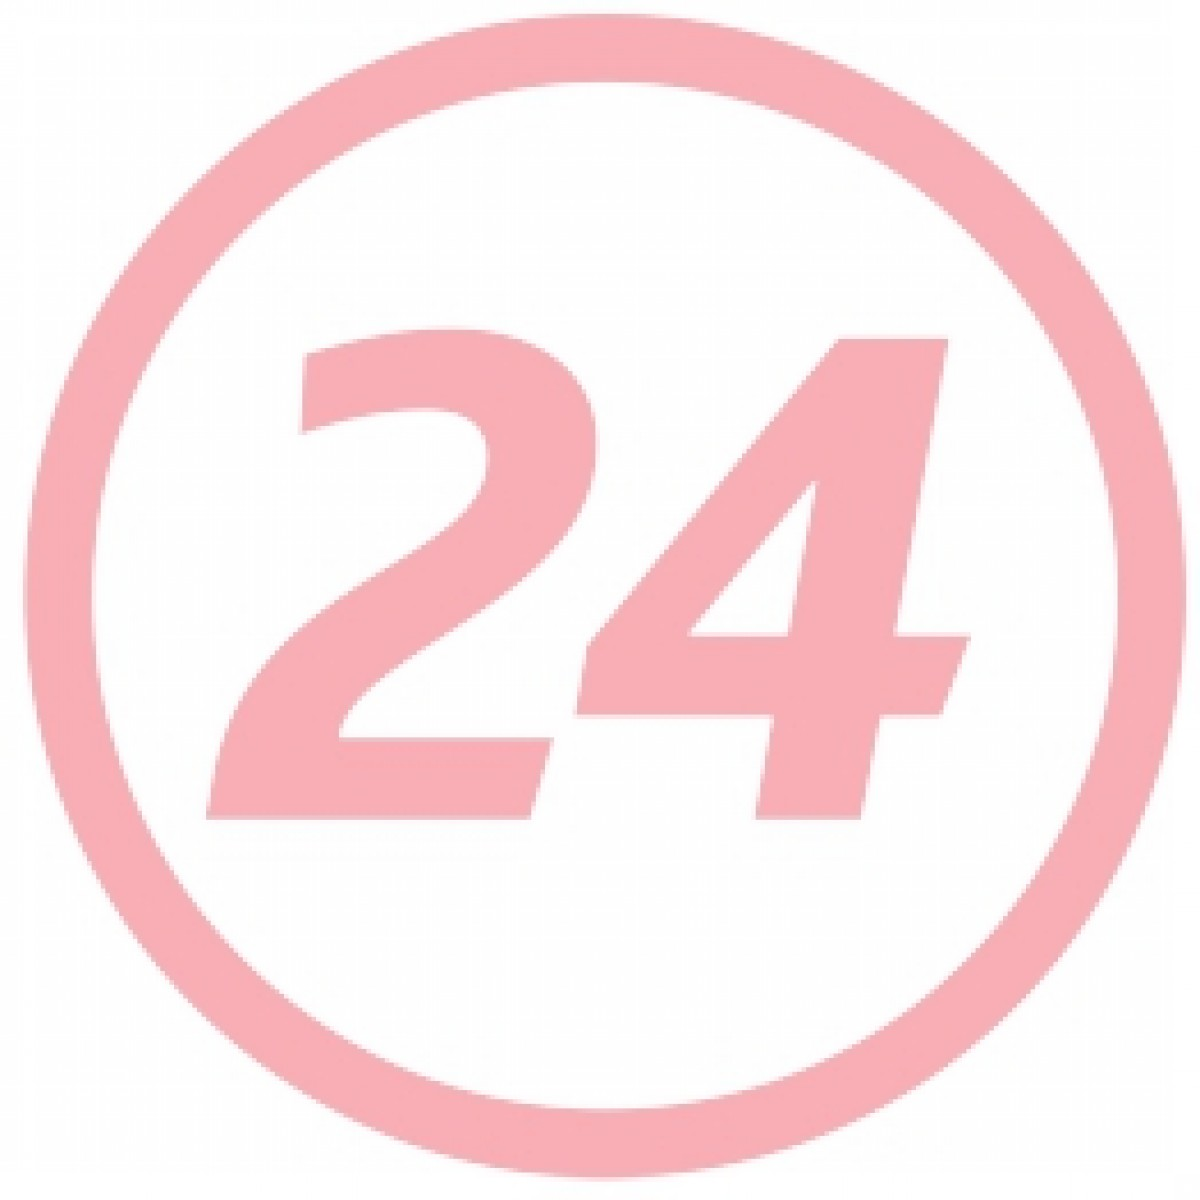 Hartmann Molicare Premium Mobile Chilot Adulti pentru Incontinenta Severa Marimea M, Scutece Adulti, 14buc